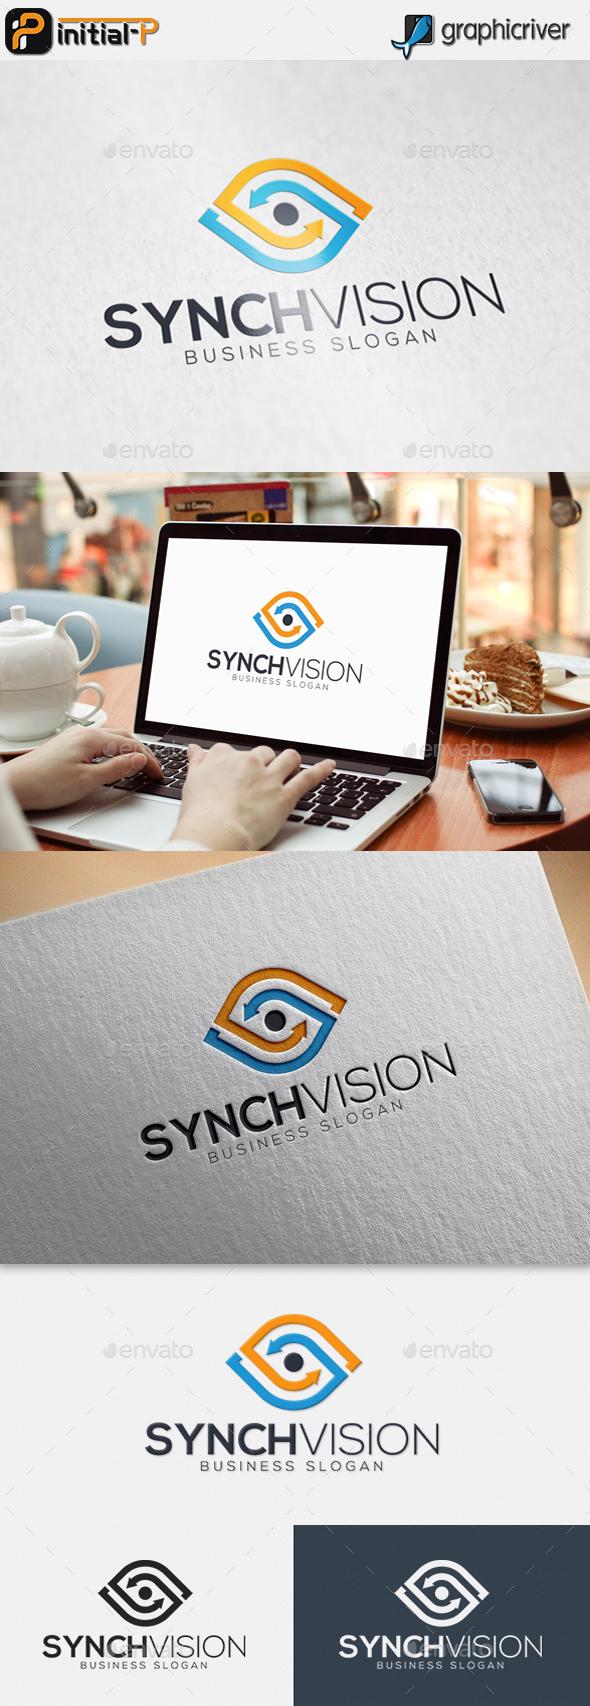 Synch Vision - Eye Logo